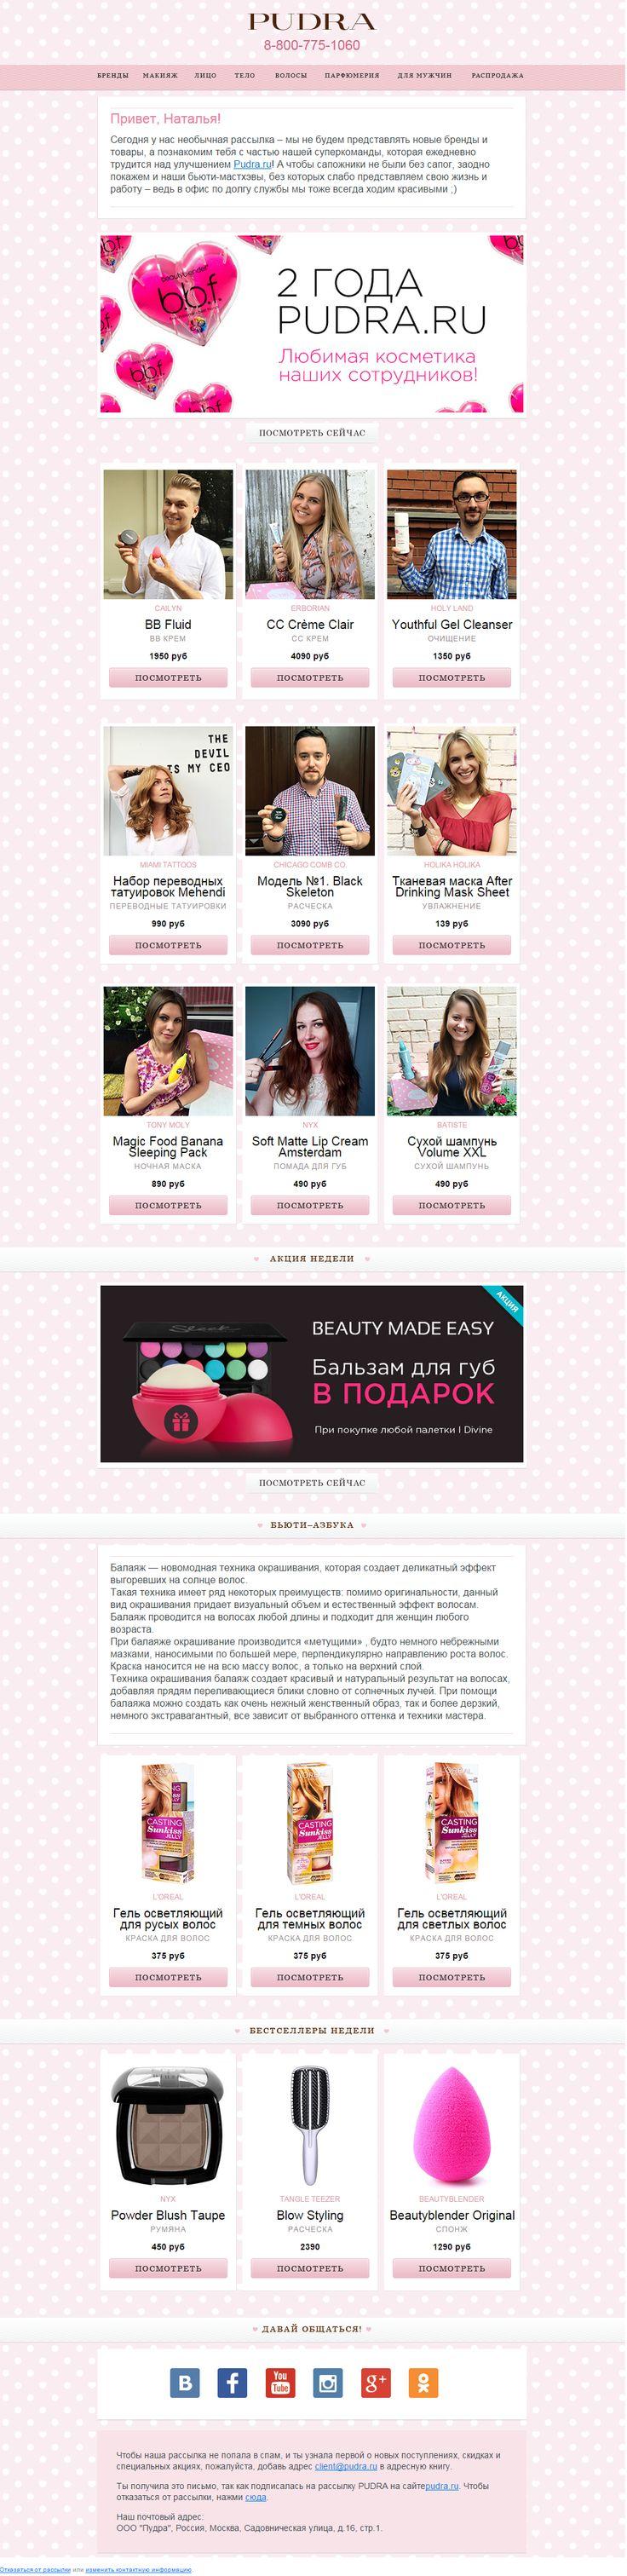 PUDRA: блок день рождения (25/08/15). Pudra. В свой день рождения пудра показала лица своих сотрудников и показала, чем они пользуются в повседневной жизни. Это отличный ход, который делает компанию живой и ближе к своим клиентам, ведь они сами пользуются той же косметикой и стремятся быть всегда красивыми.#design#email #emailmarketing